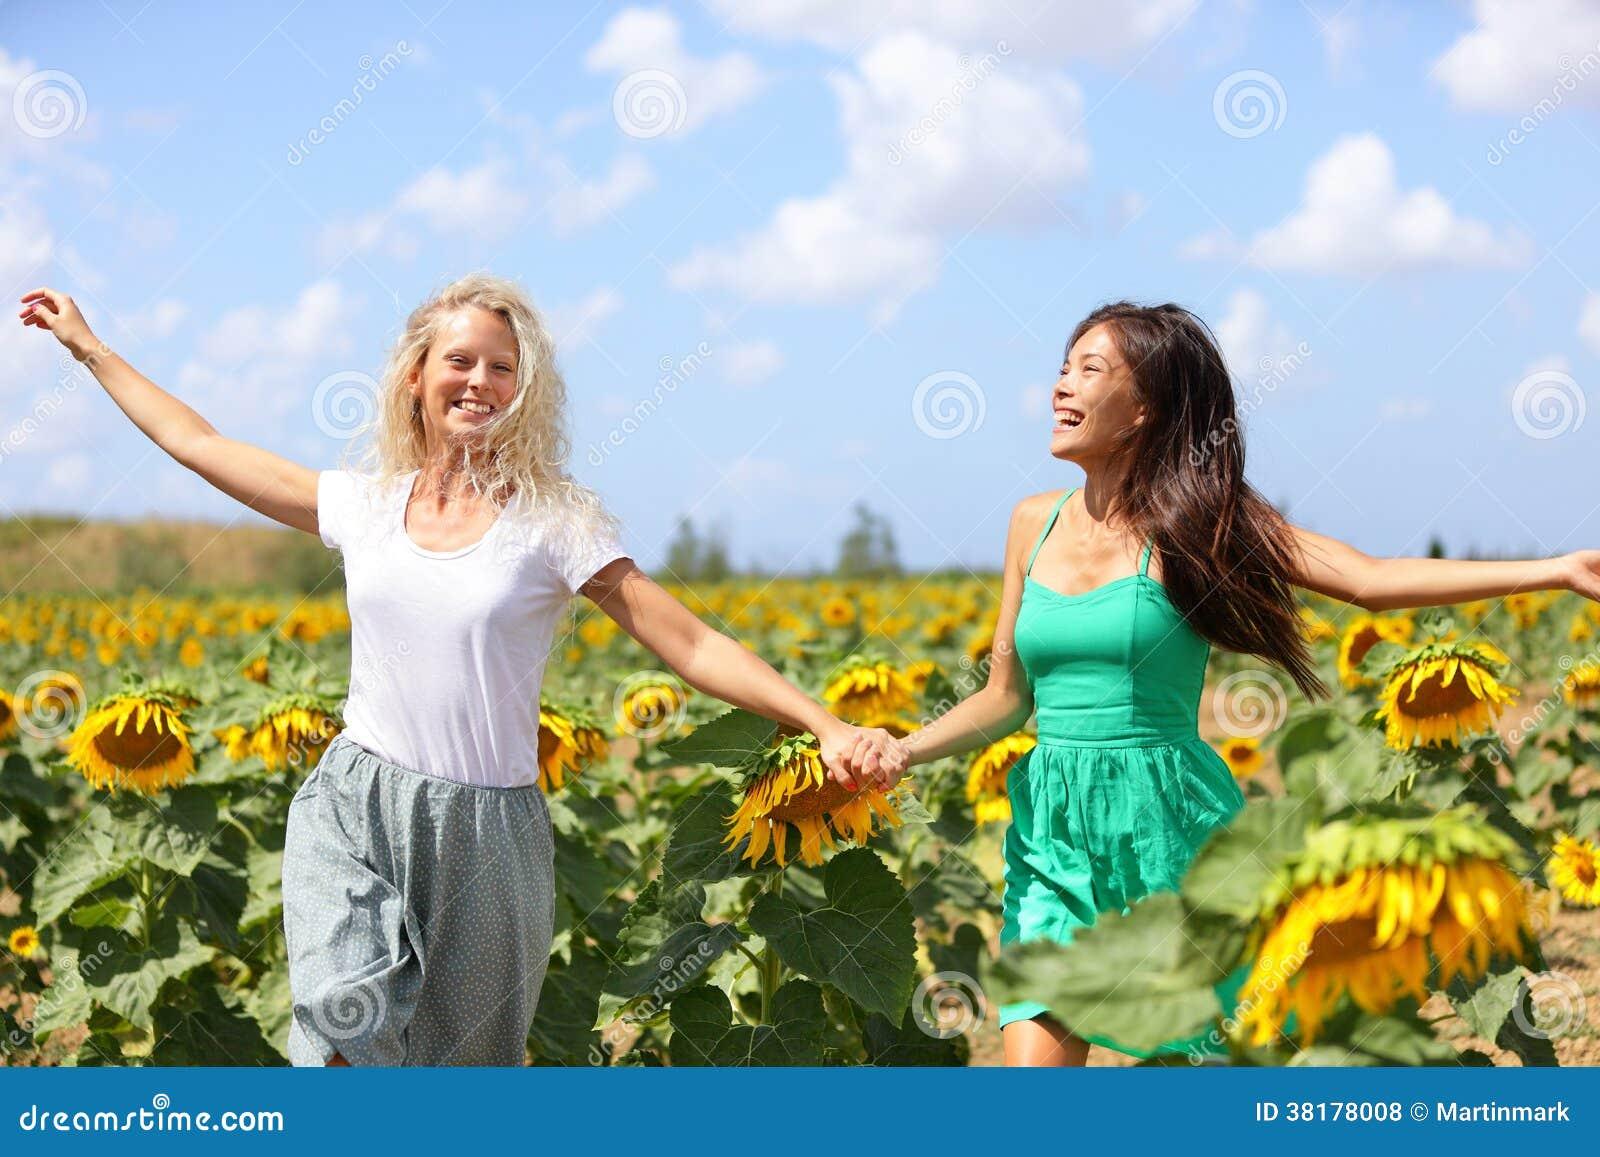 Ragazze felici di estate che ridono divertimento nel - Pagine di ringraziamento e divertimento ...